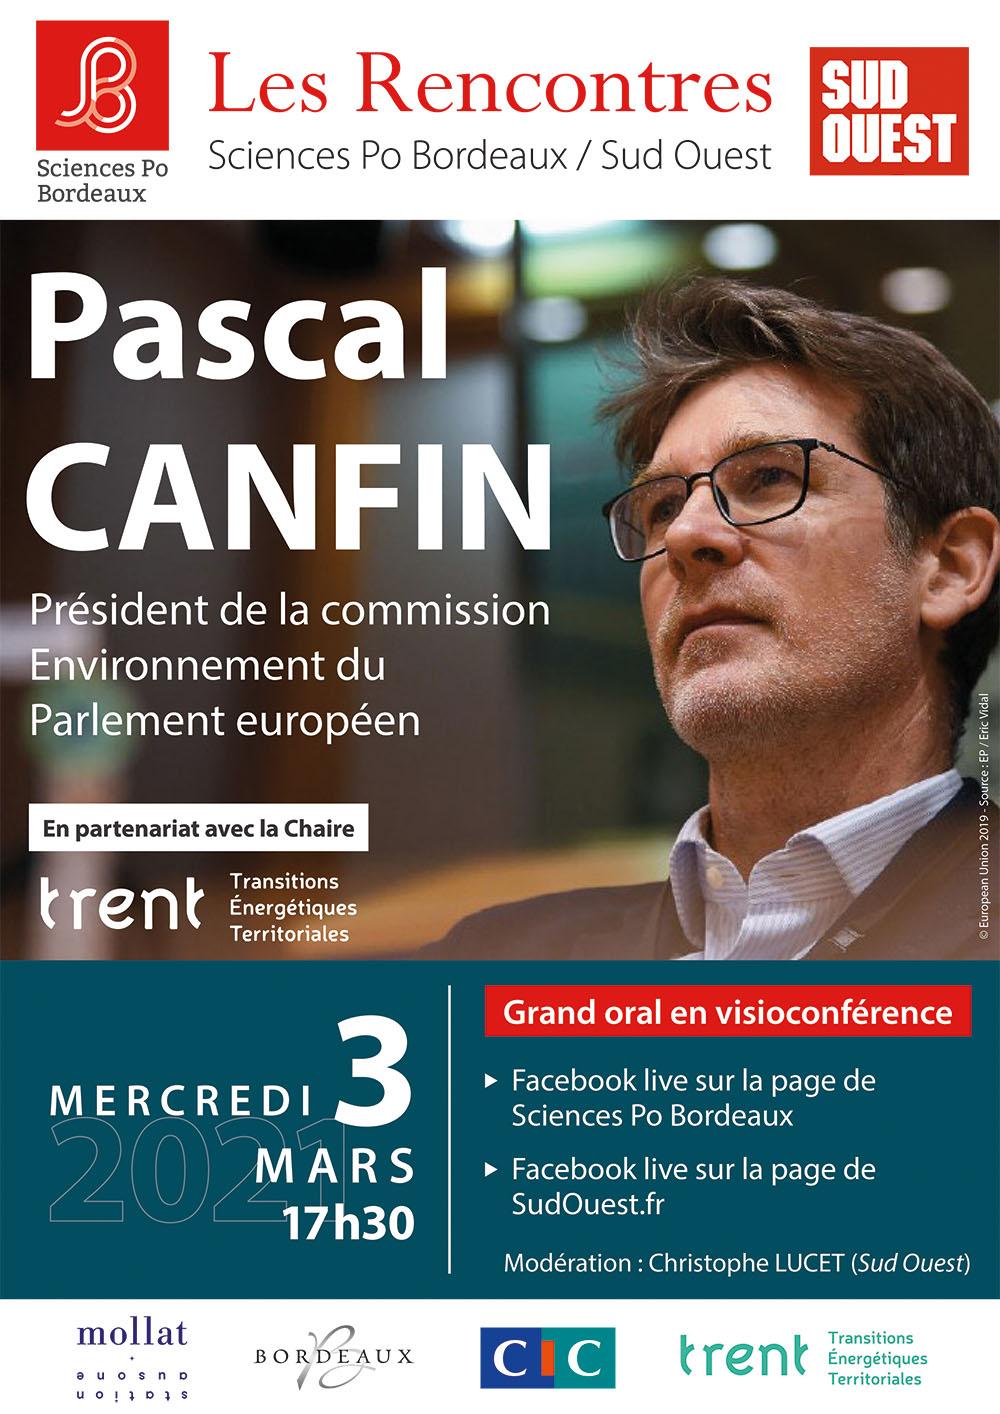 La chaire, partenaire des prochaines « Rencontres Sciences Po Bordeaux / Sud-Ouest »